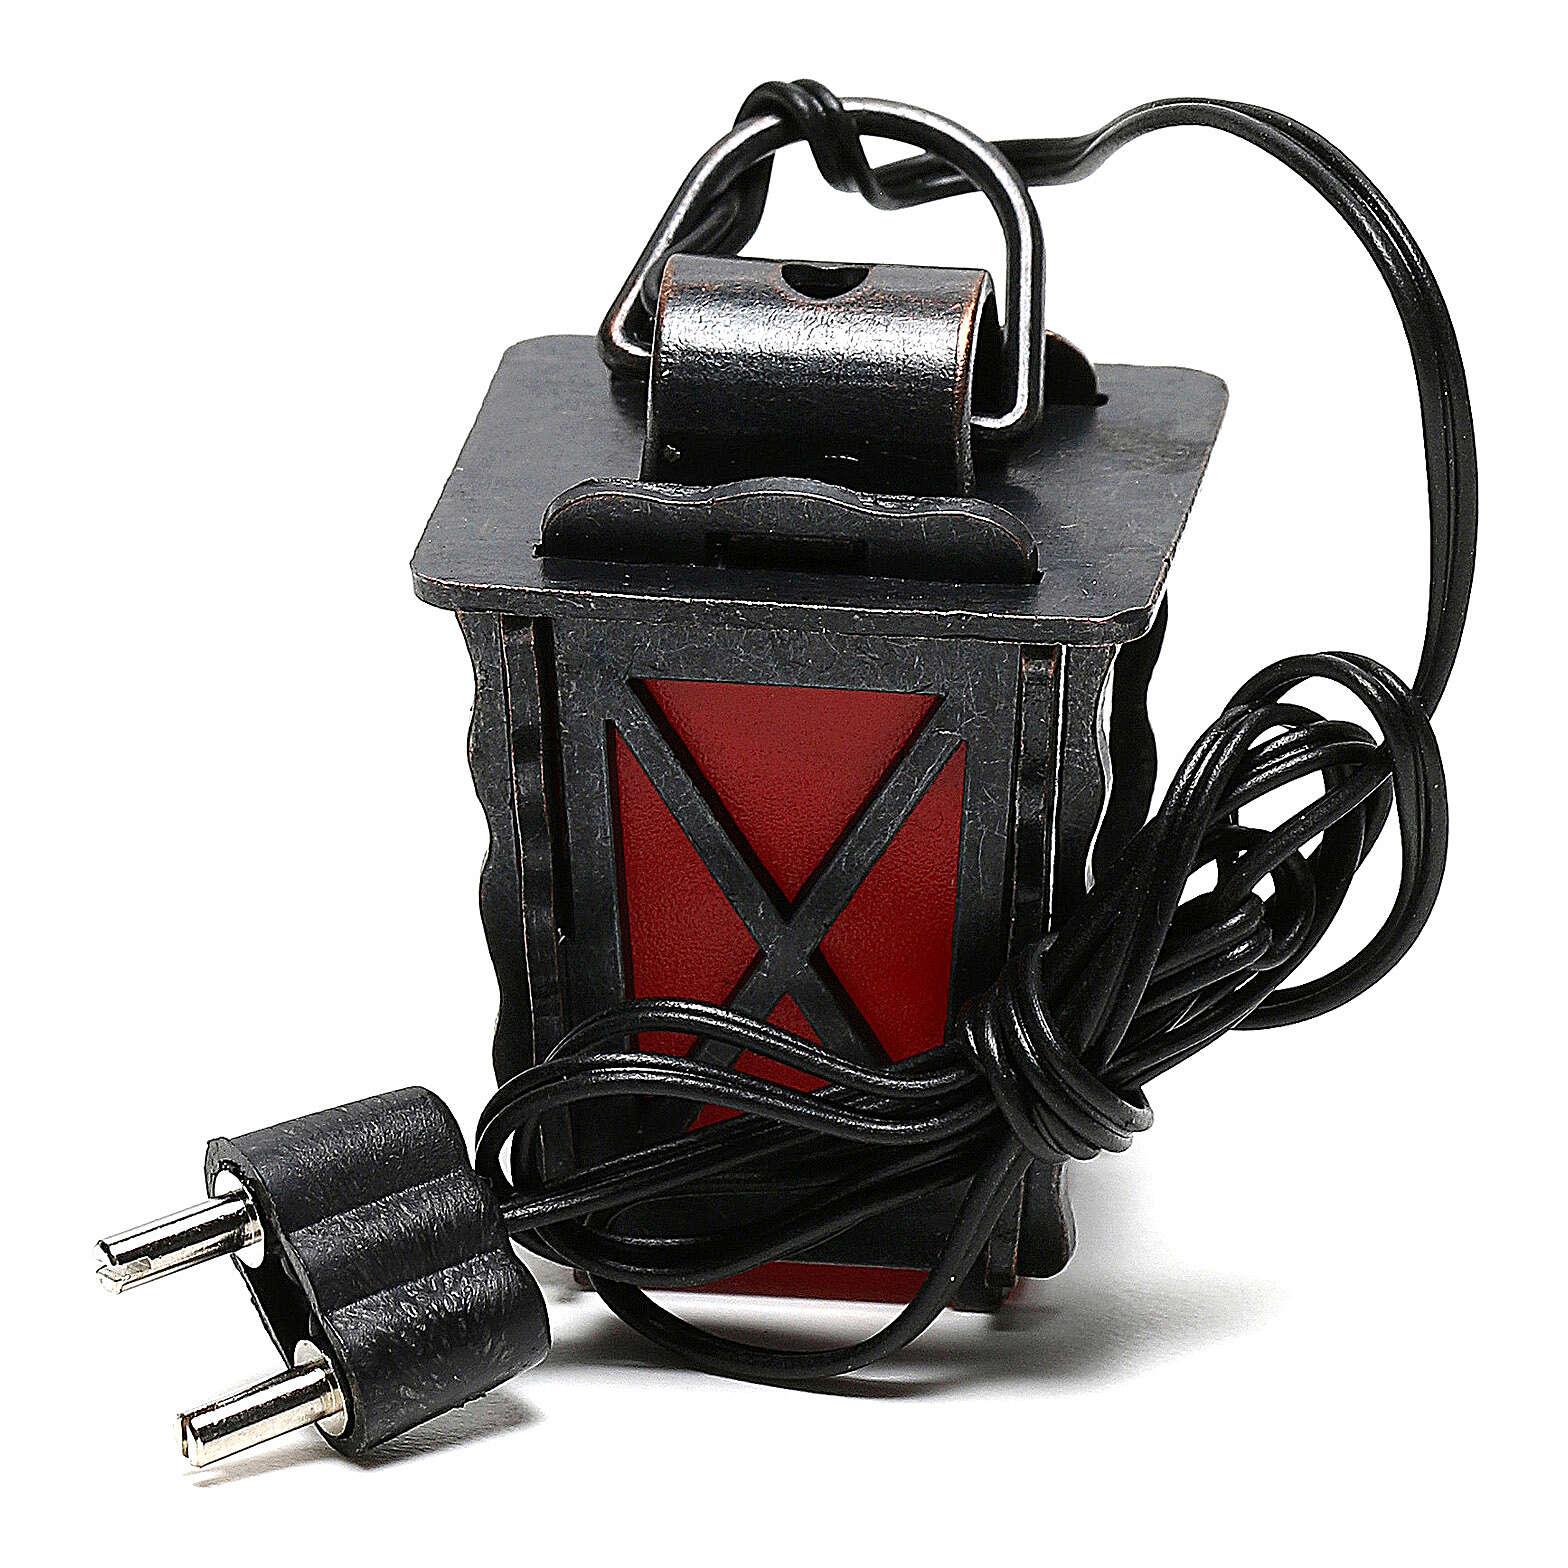 Lanterne en métal avec lumière rouge h 4 cm crèche 8-10 cm basse tension 4